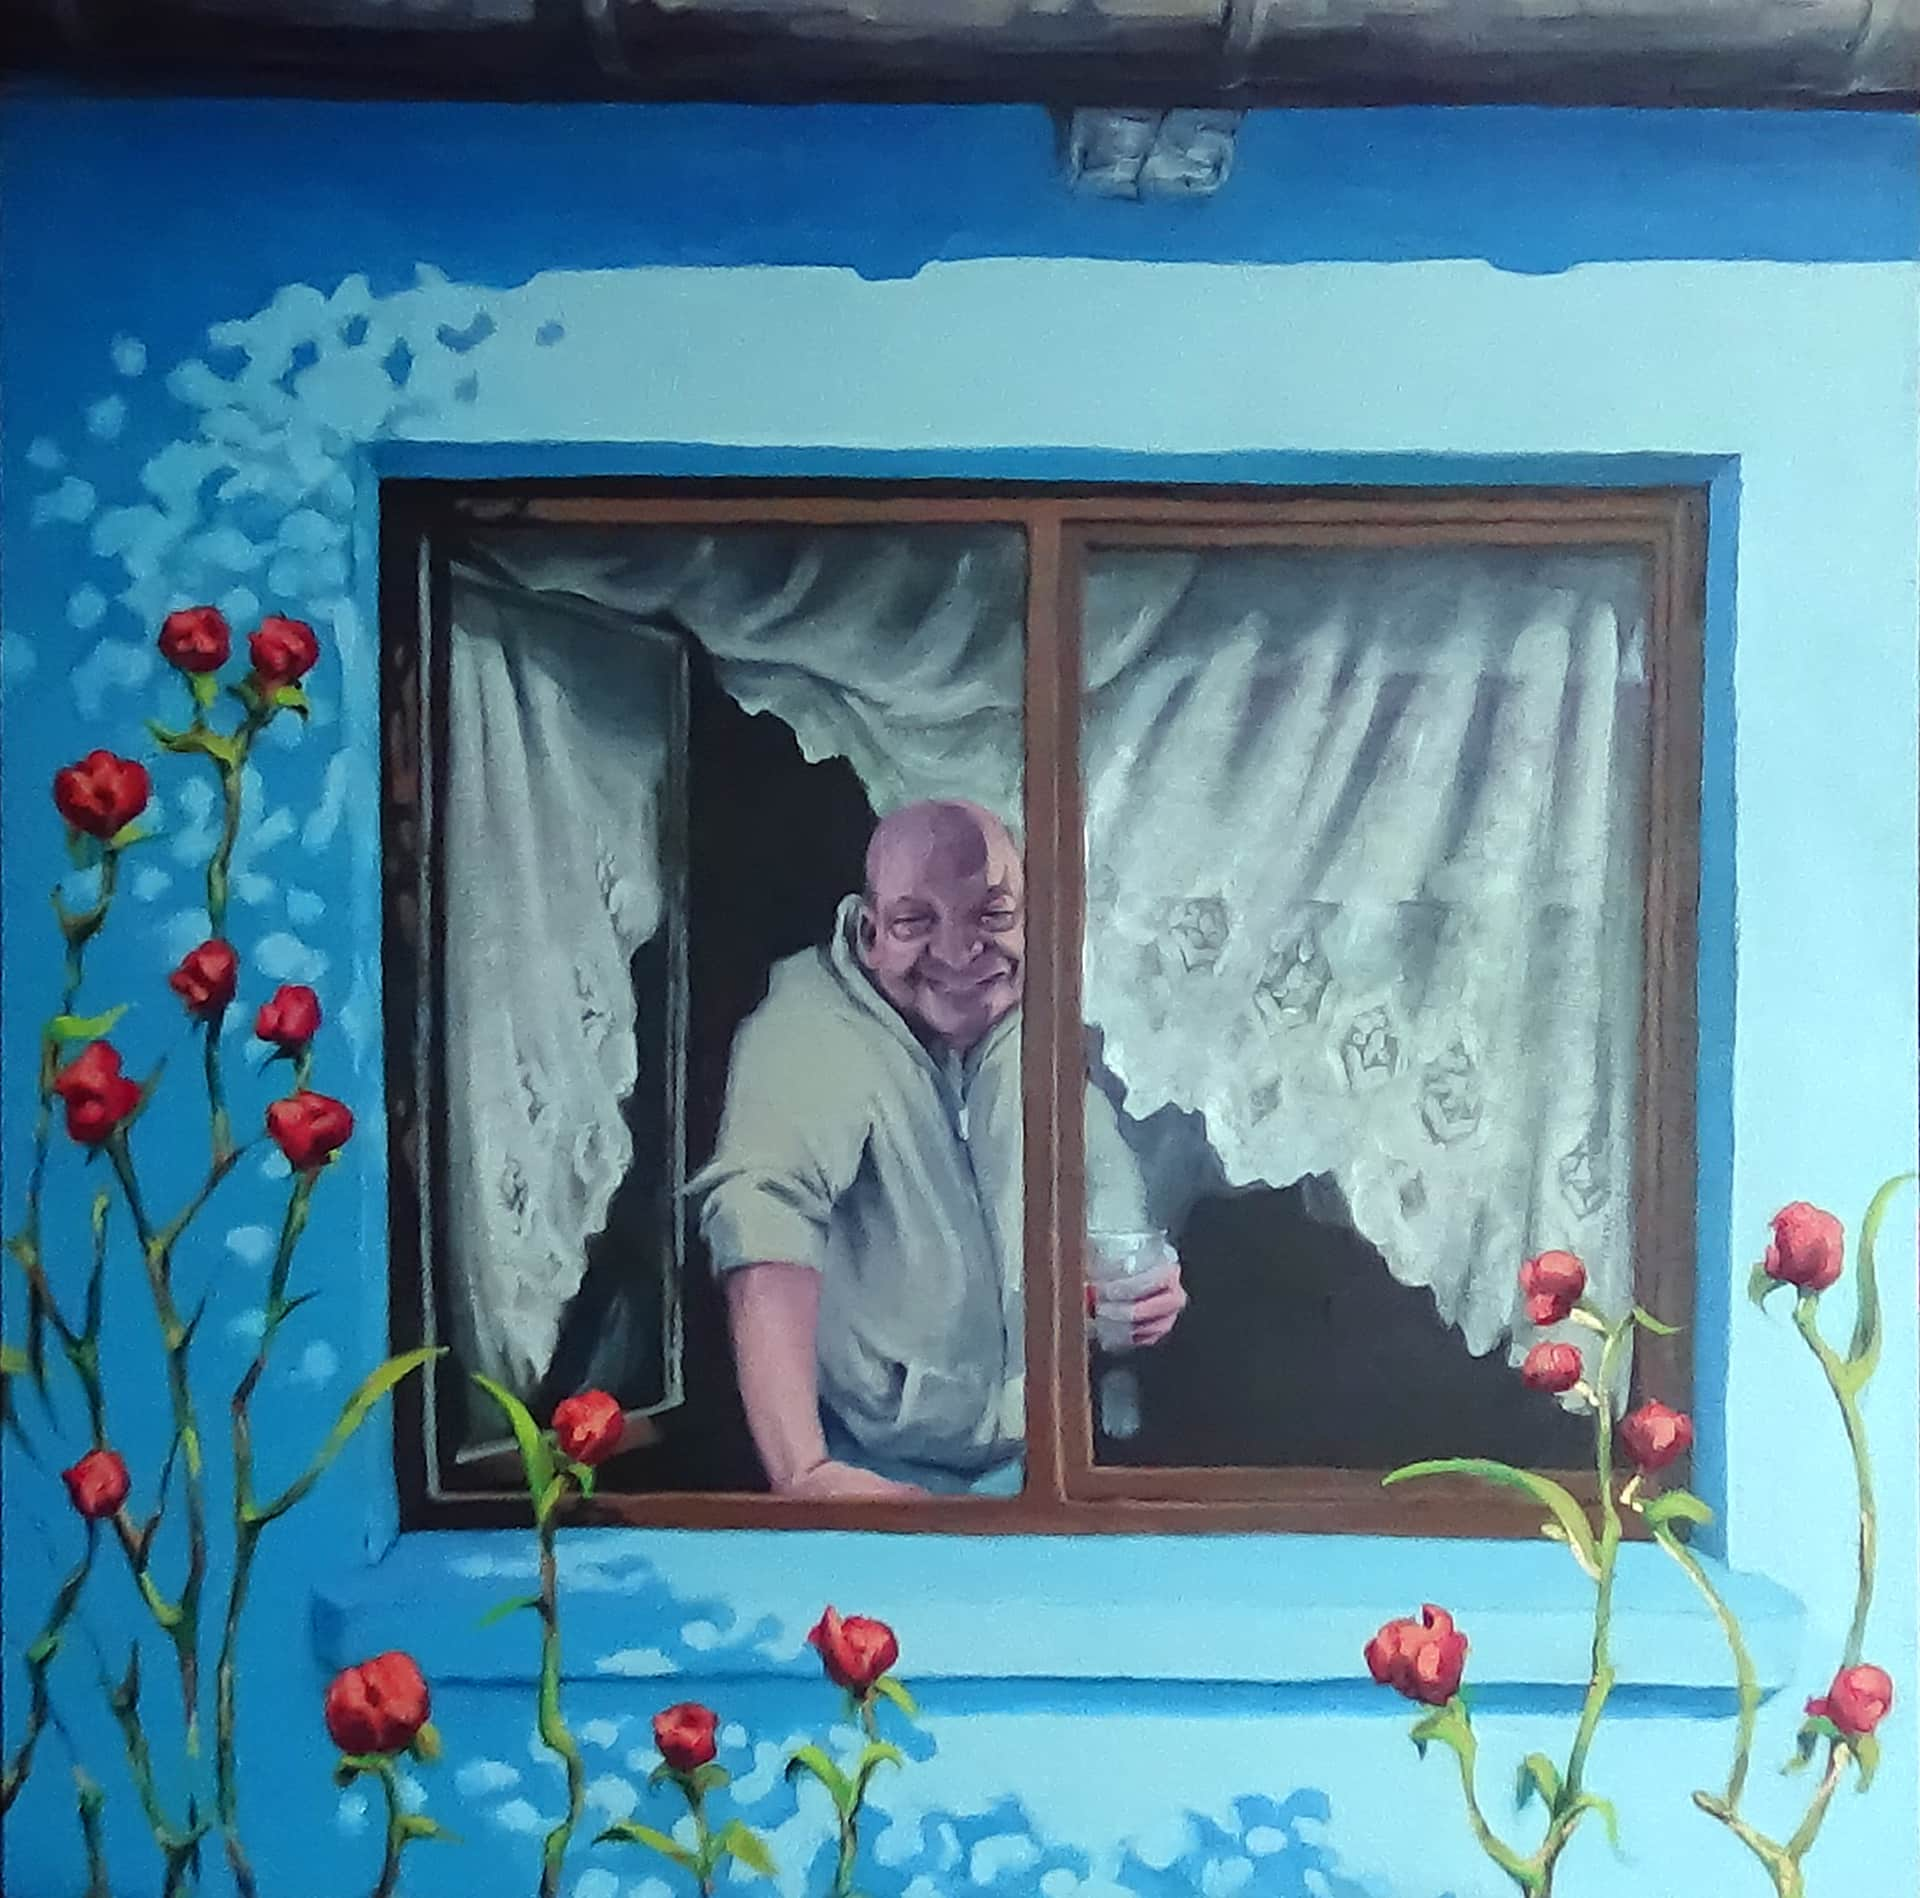 Tomasz Kruczek w oknie jednej z ostatnich bronowickich chat. Autor obrazu: Patryk Tyburkiewicz.